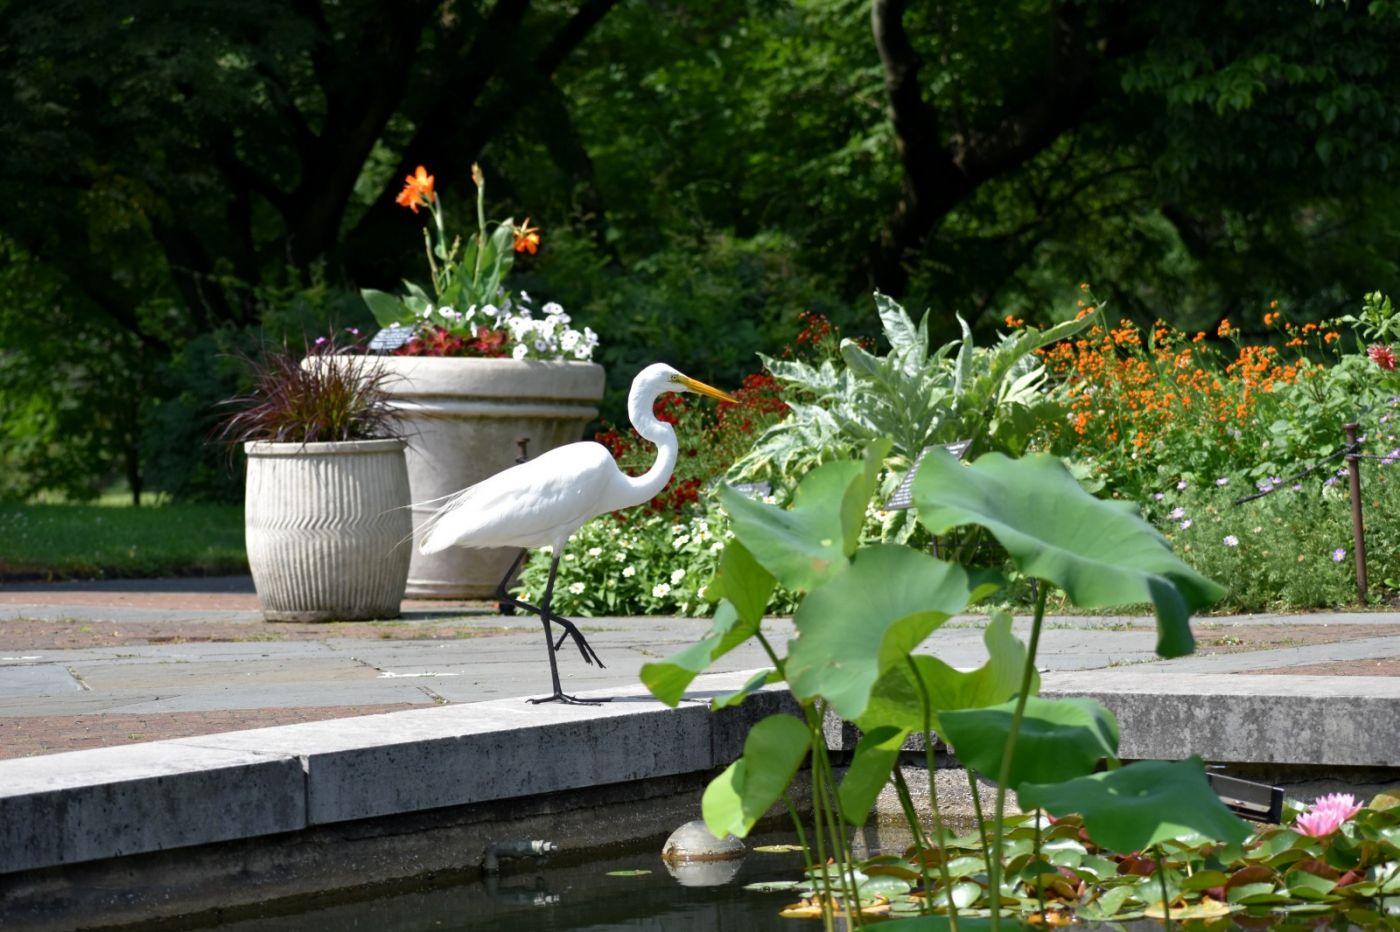 白鹭来花园赏花_图1-3